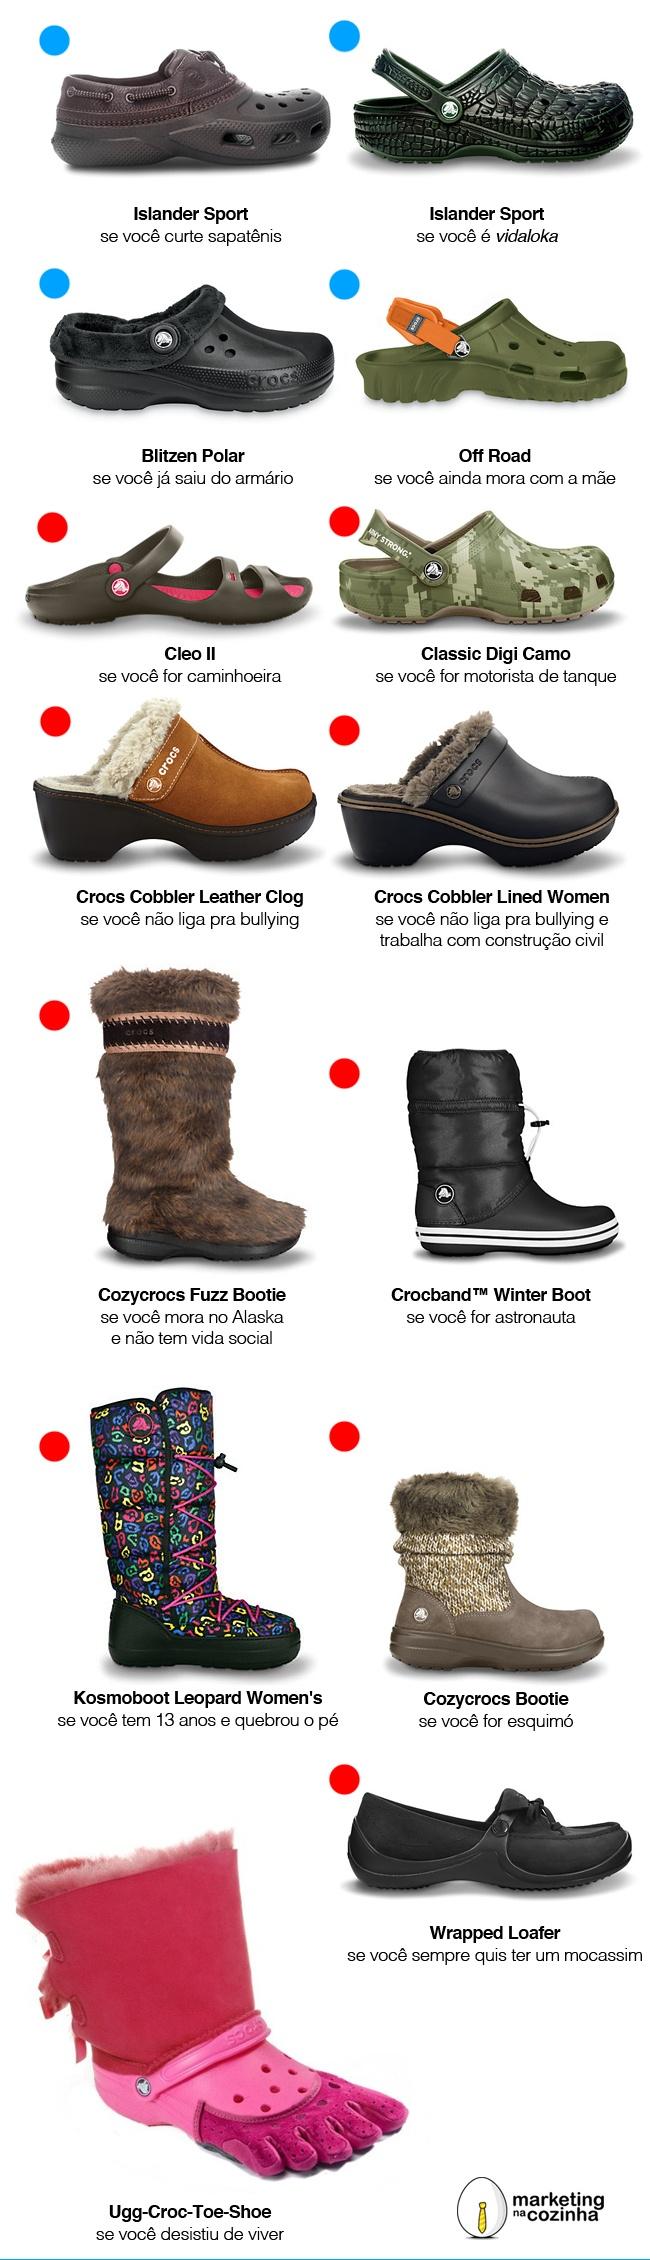 Os vários tipos de CROCS  Pessoal, eu reconheço que as vezes pego pesado com os CROCS e que exagero e tal. O que o pessoal mais reclama é que existem vários modelos de CROCS, com design diferenciado, exclusivo e julgar uma marca apenas por UM calçado é um absurdo. Concordo e peço desculpas por generalizar. Como vocês, alguns modelos exclusivíssimos de CROCS.